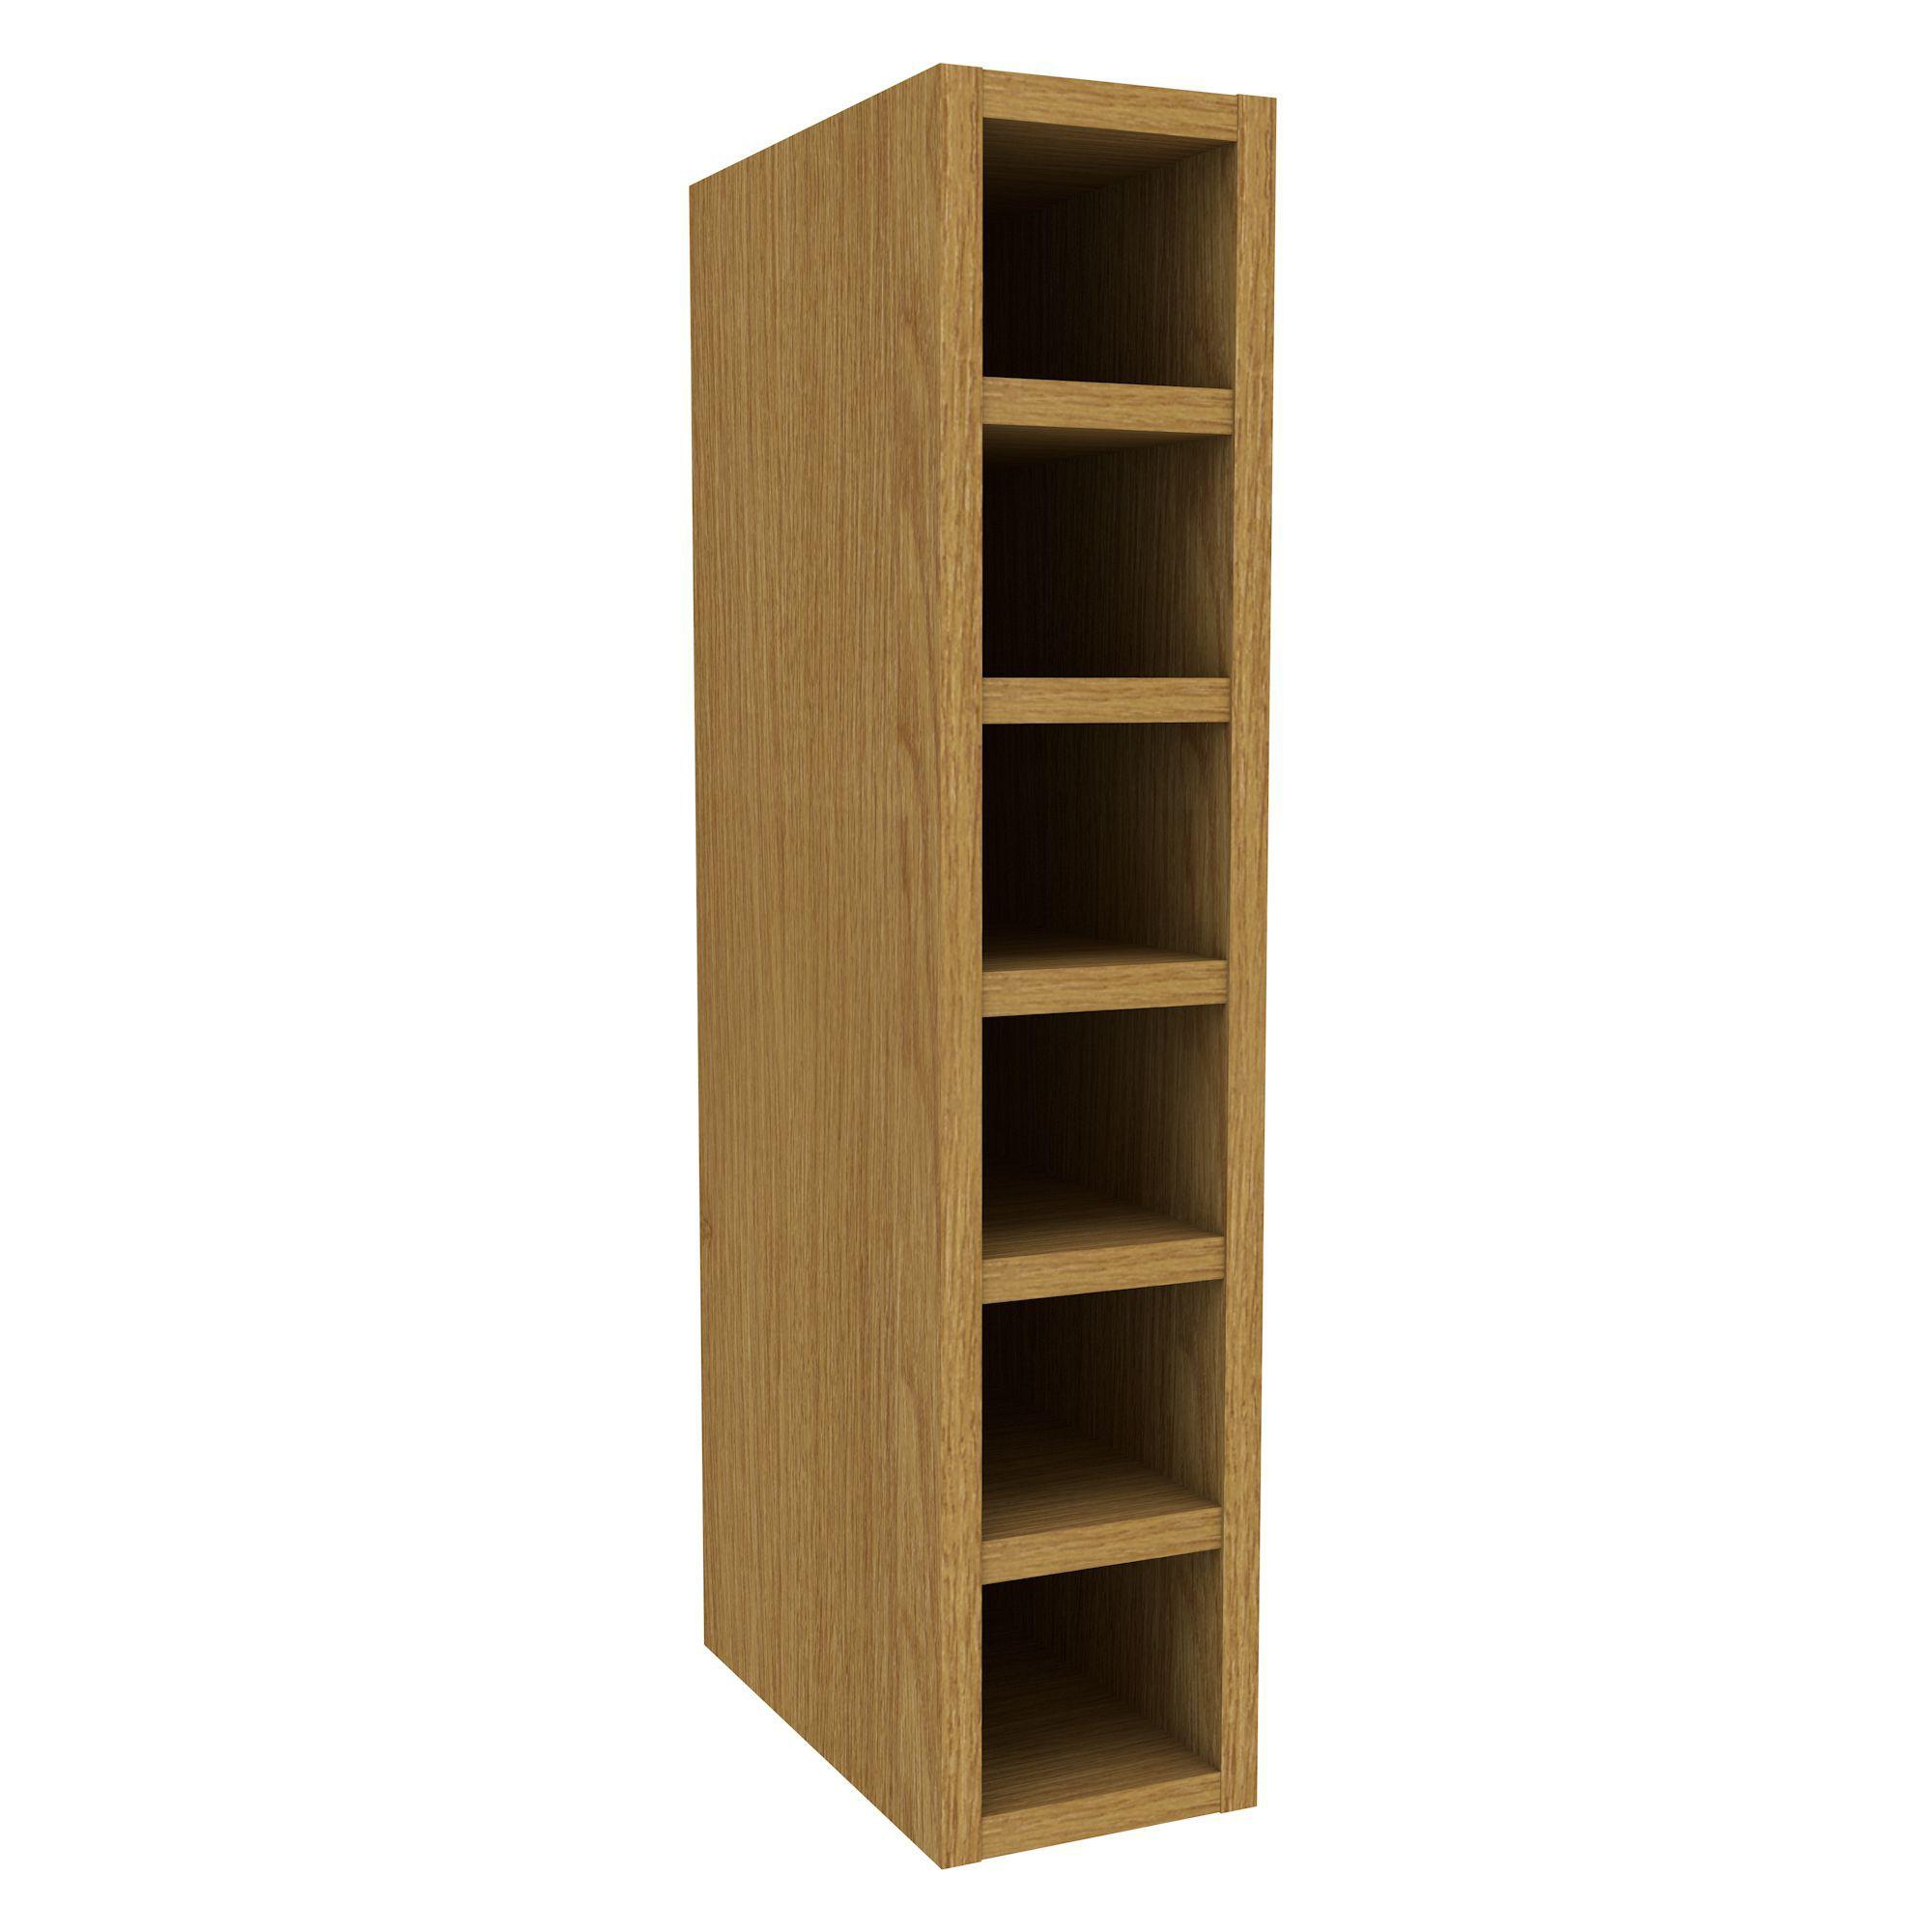 Cooke & Lewis Oak Effect Wine Rack Wall Cabinet (w)150mm